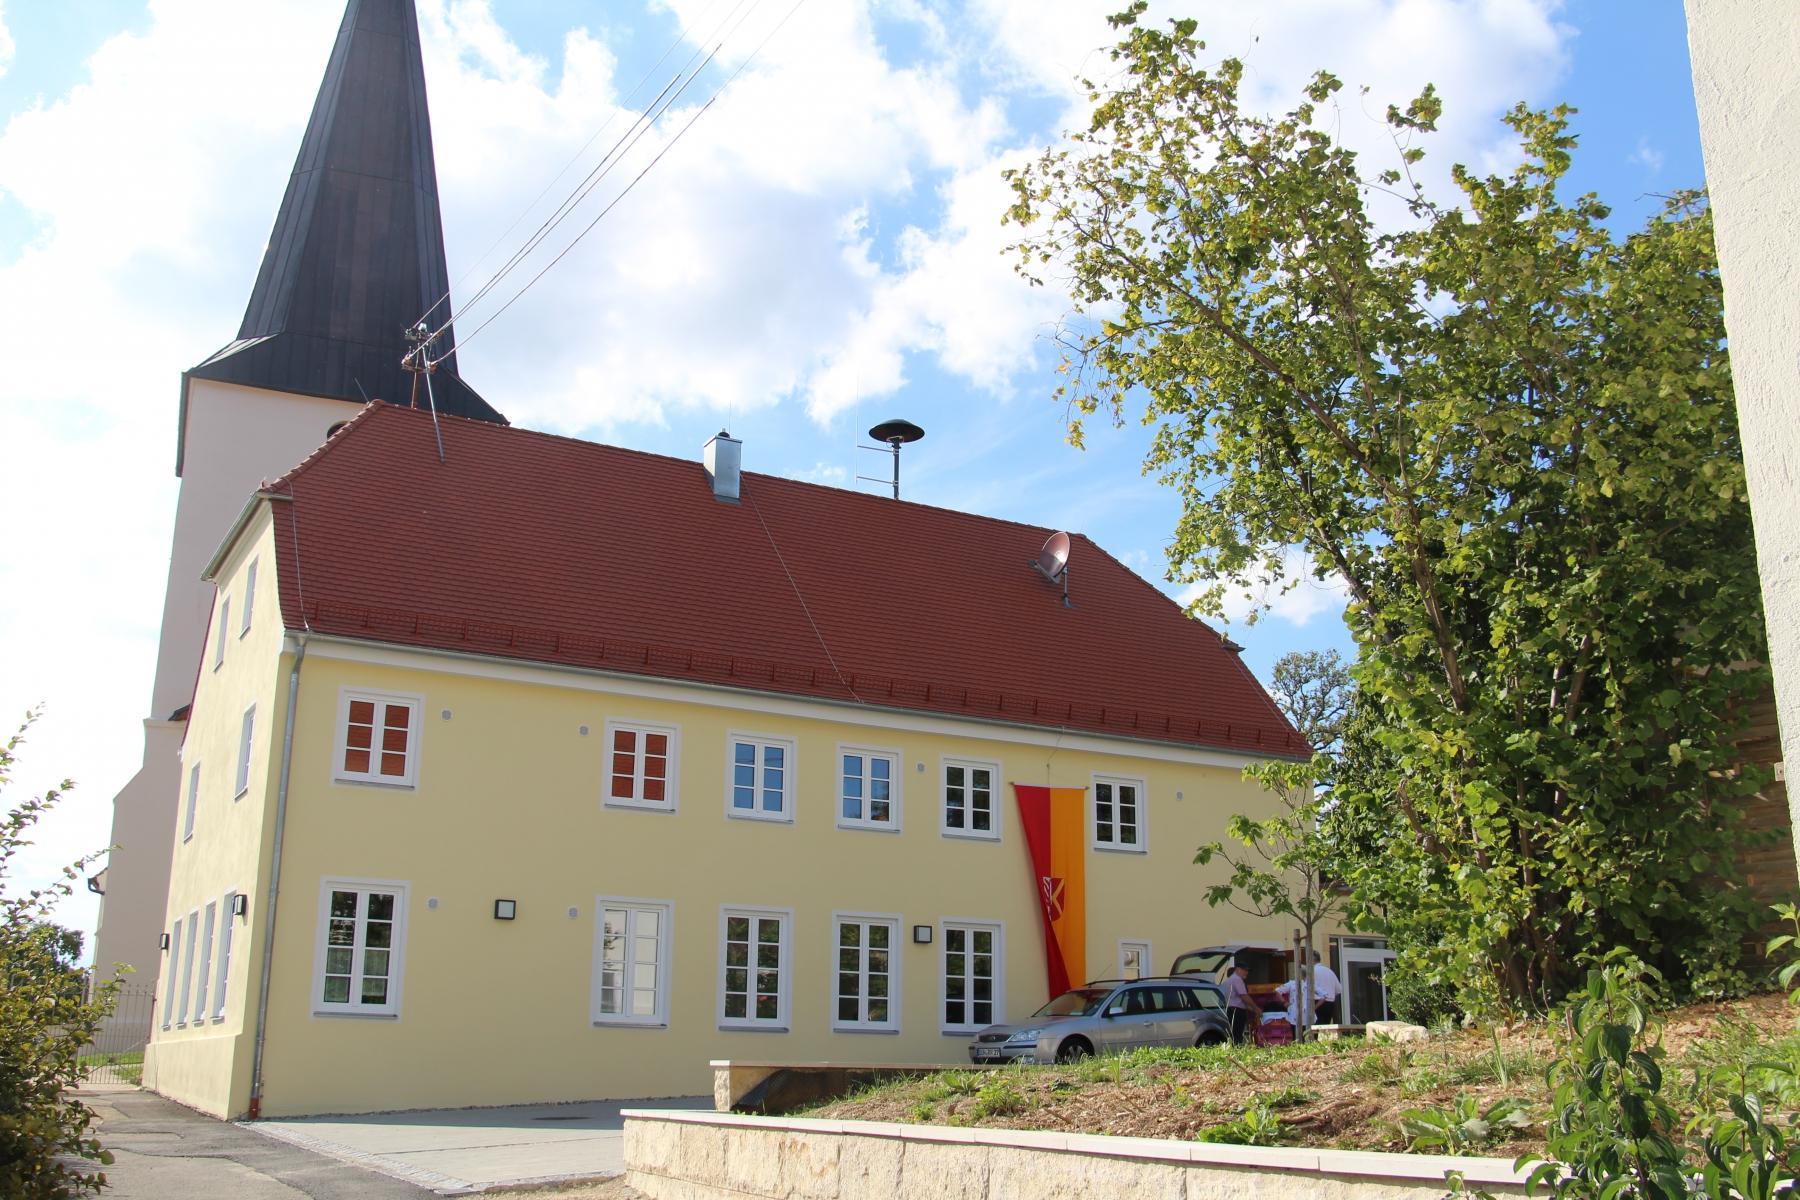 201809AlteSchuleSchm-01